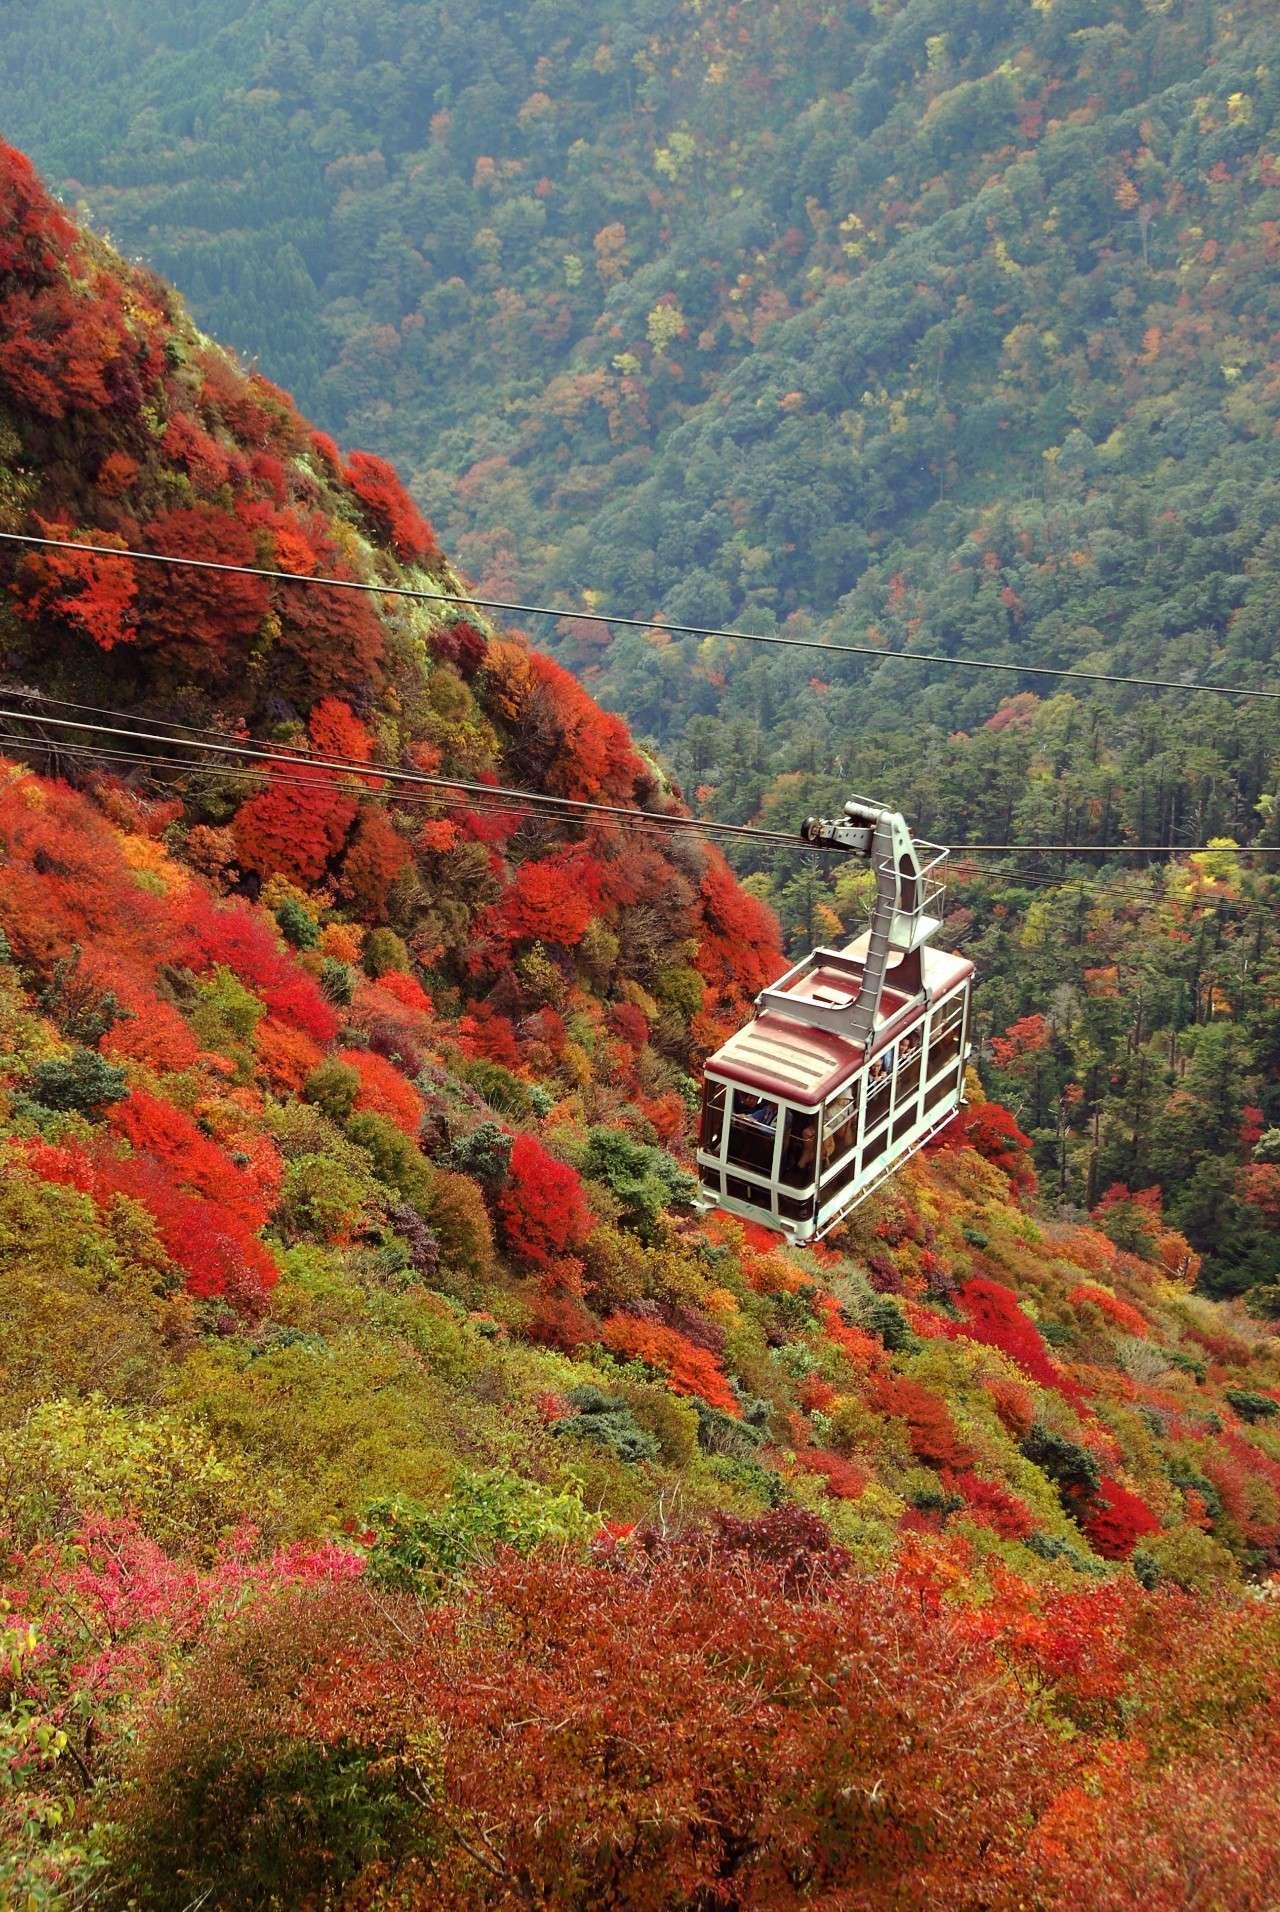 享私房红叶美景、皇室御用温泉旅馆、顶级餮宴,尽在九州醉美红叶之旅